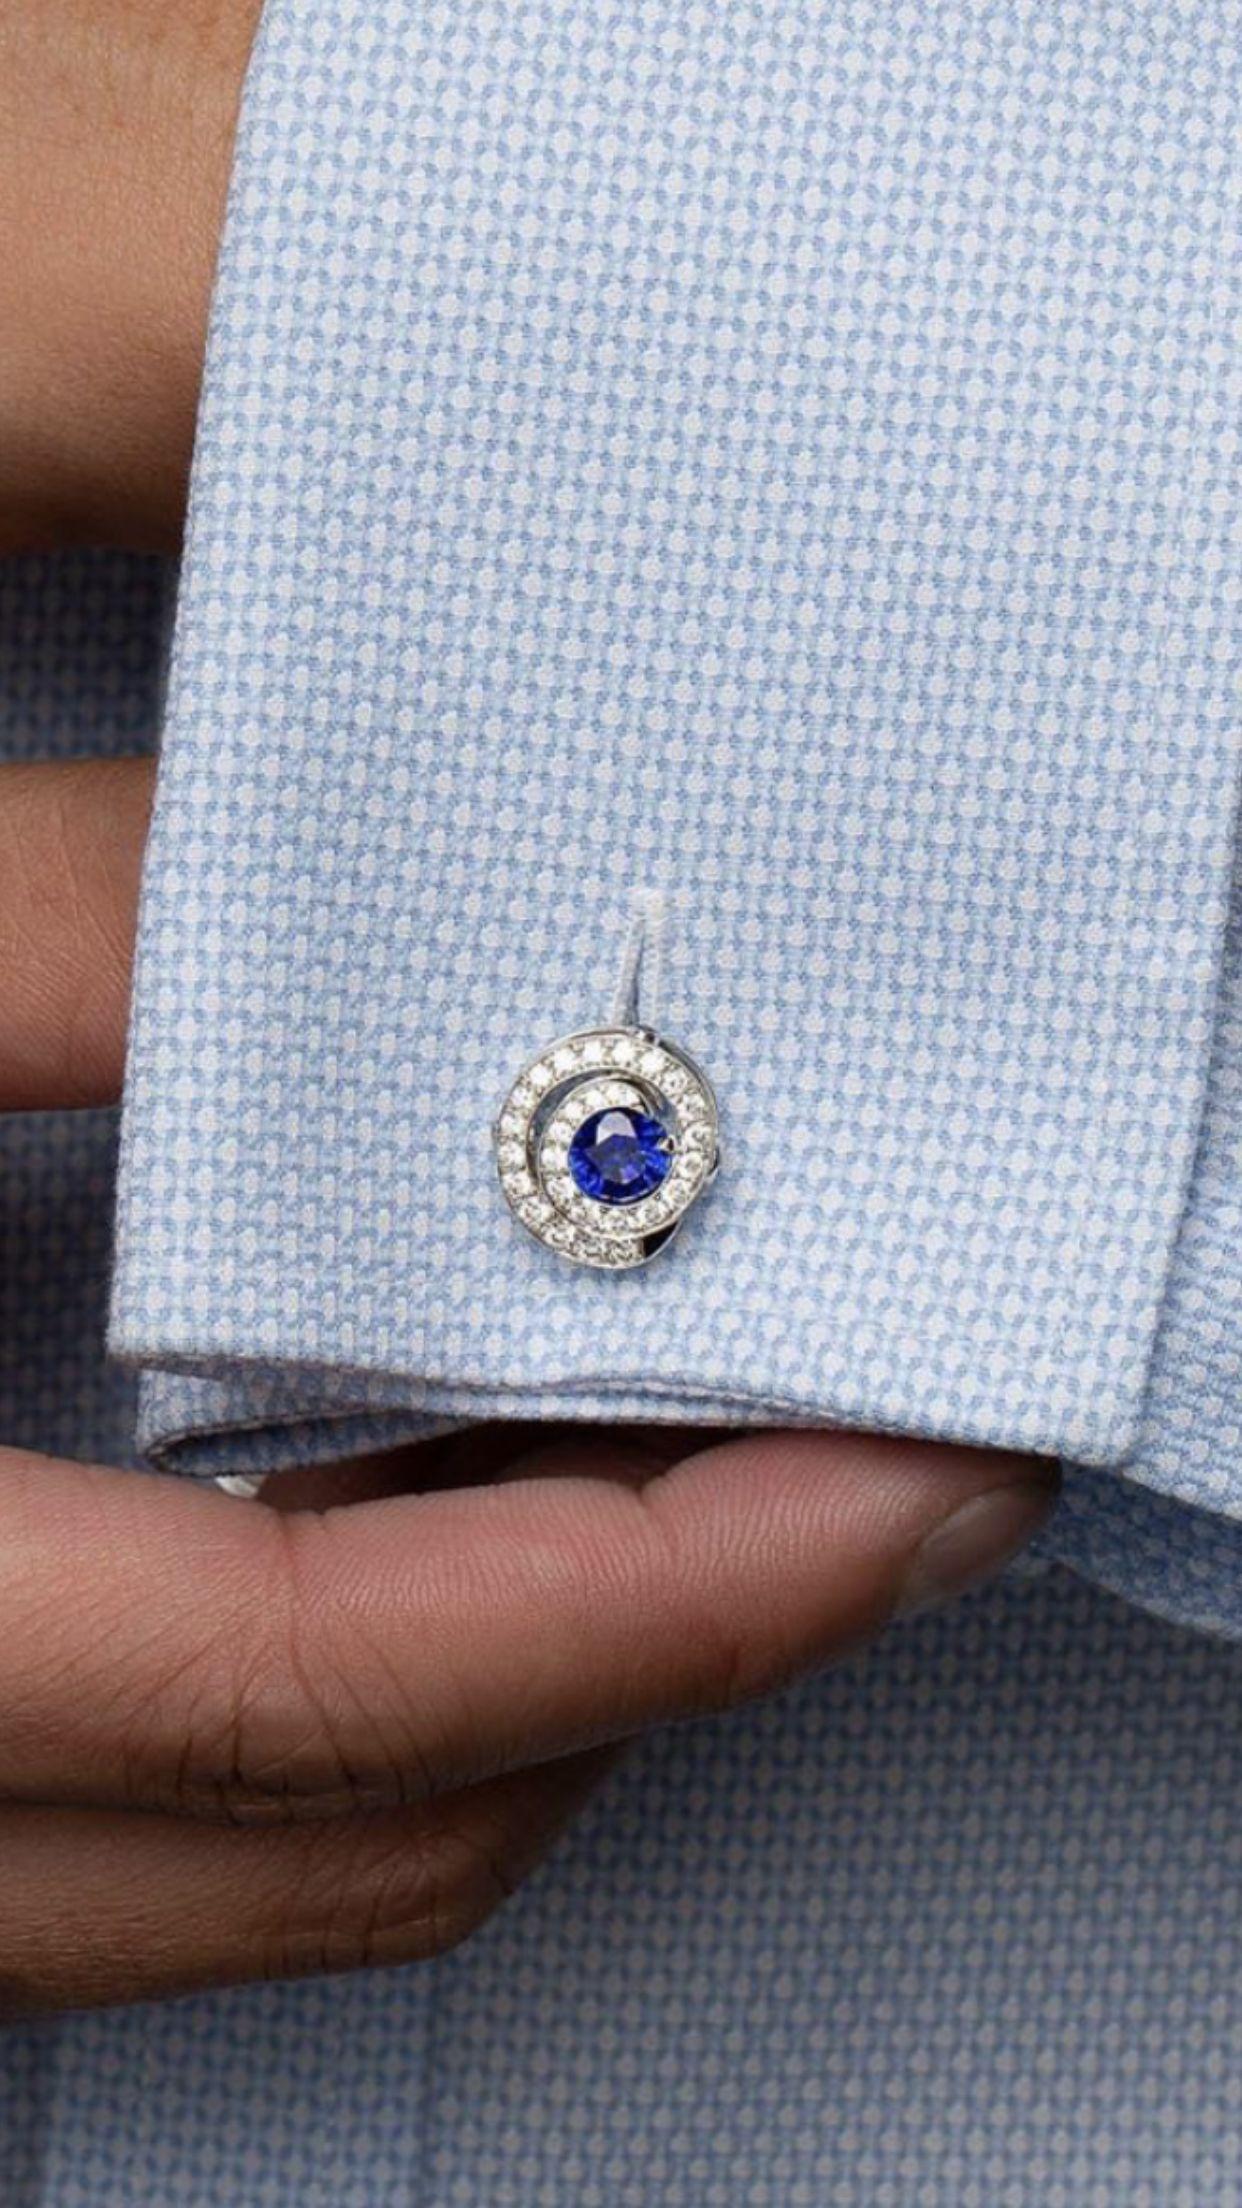 987954e5e823 Lapel Pins · Tie Clip · Dress Shoes · Mens Jewellery, Vintage Jewellery,  Beard Suit, Suit Styles, Vintage Cufflinks, Suit